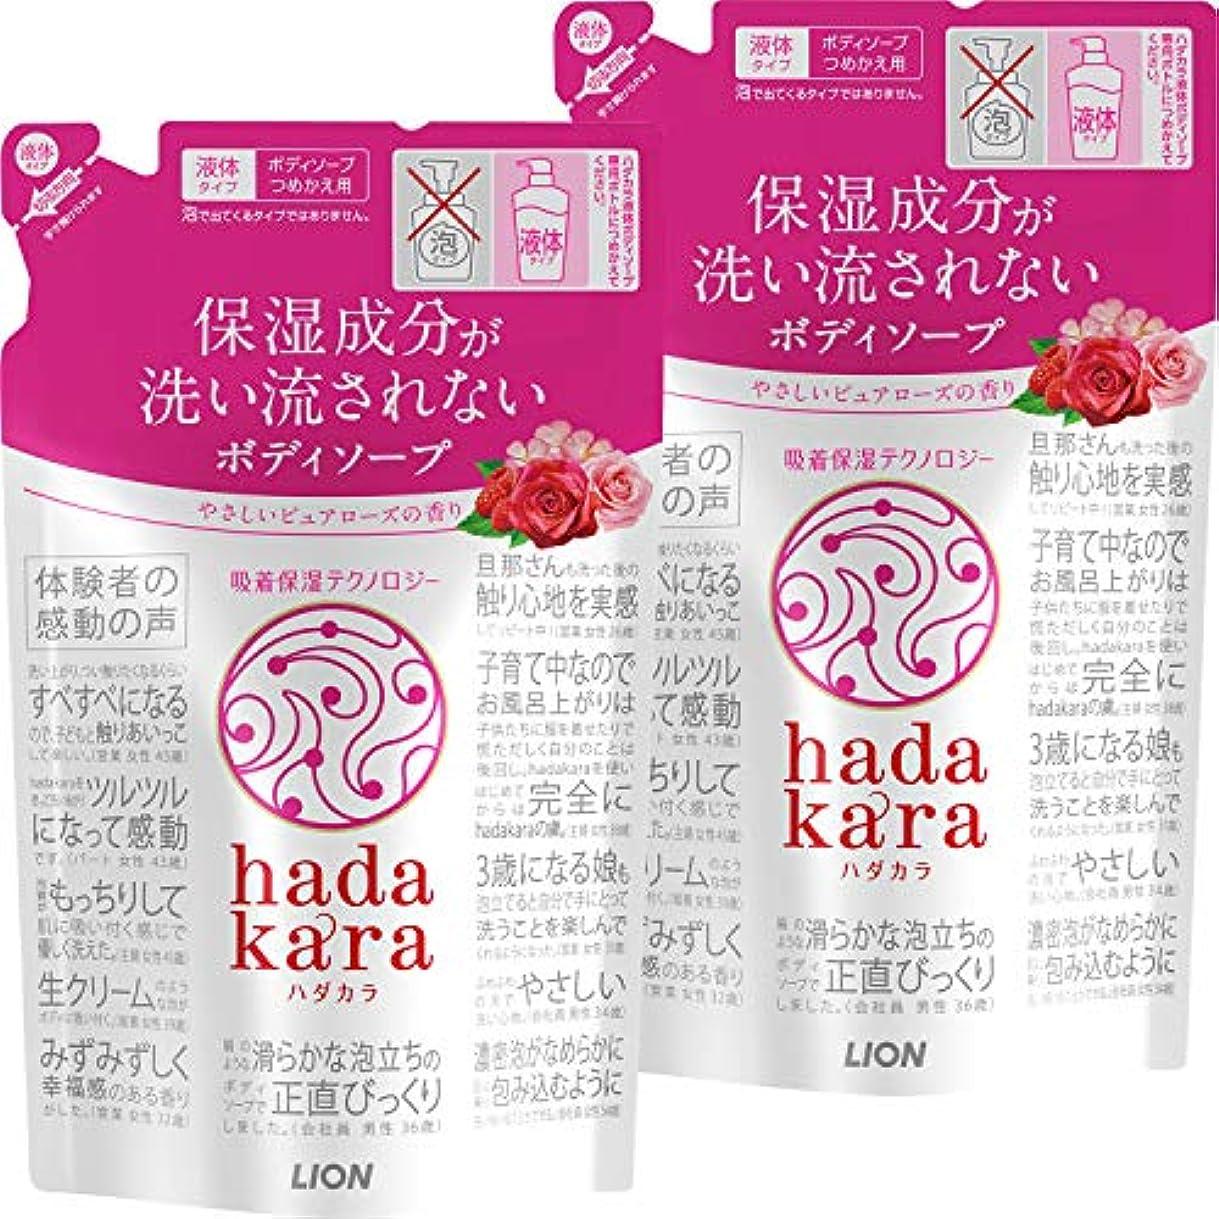 ランク凍る証言する【まとめ買い】hadakara(ハダカラ) ボディソープ ピュアローズの香り 詰め替え 360ml×2個パック